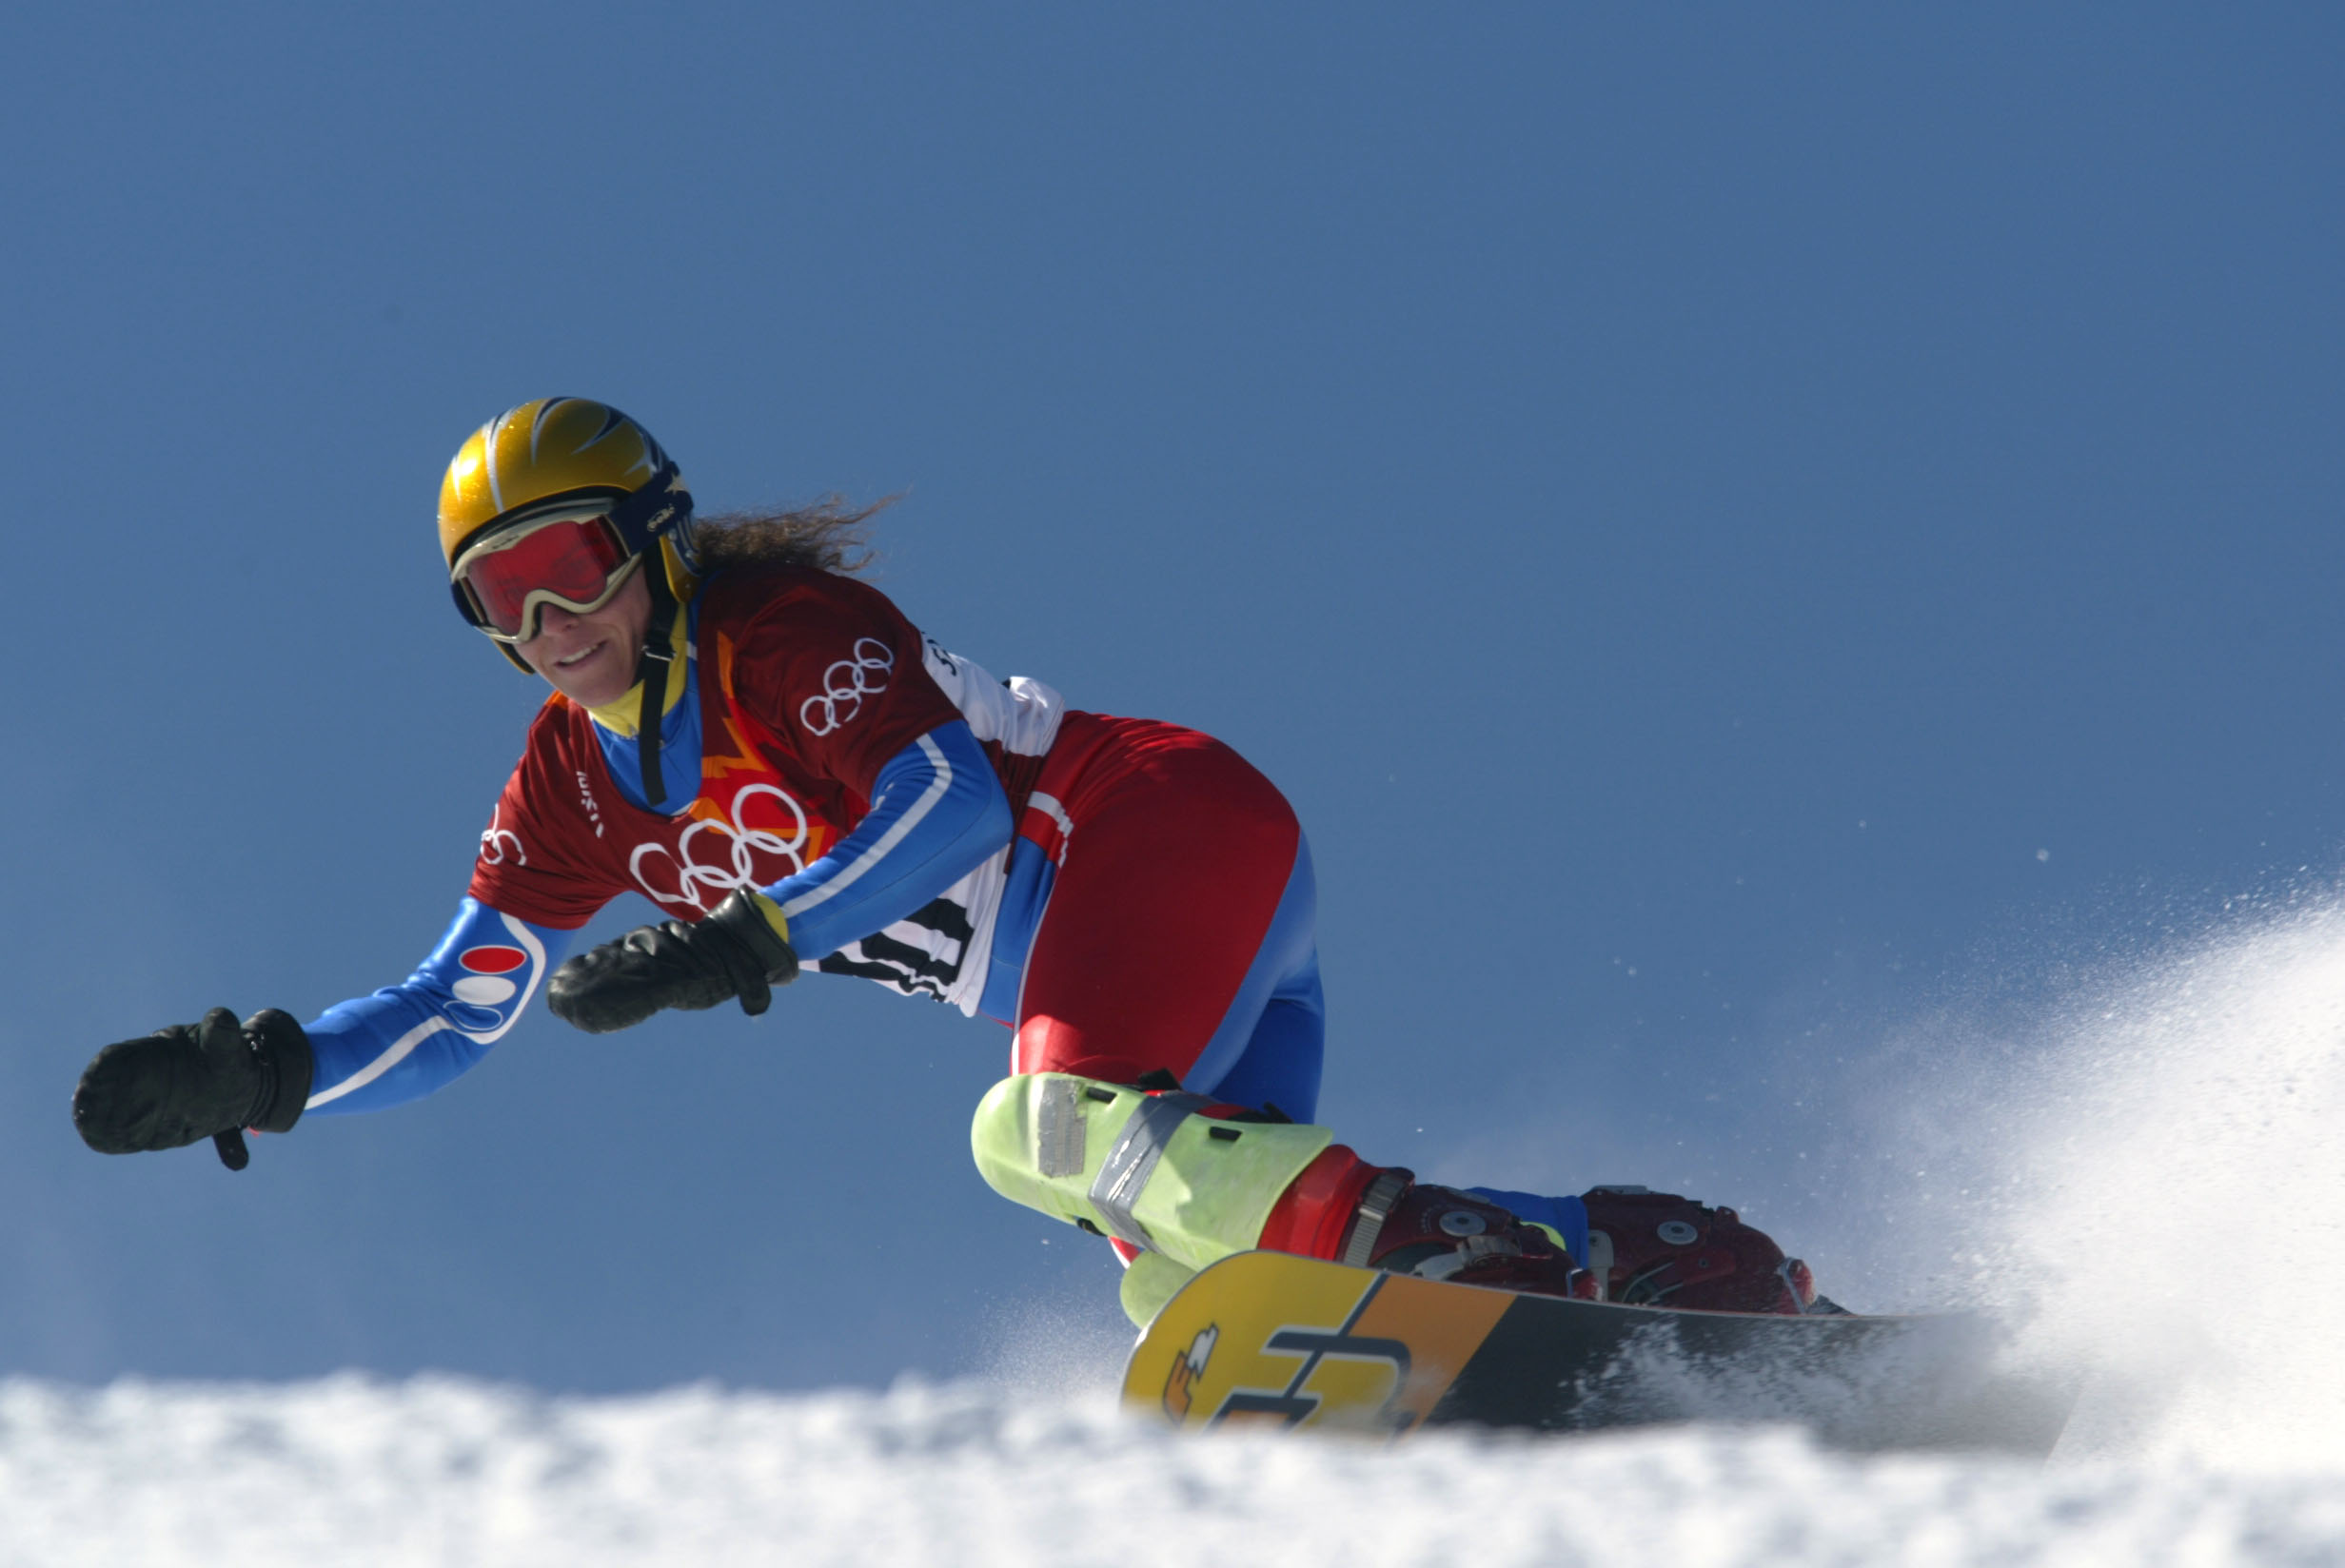 Fosta campioană mondială de snowboard Julie Pomagalski, ucisă de o avalanşă în Elveţia